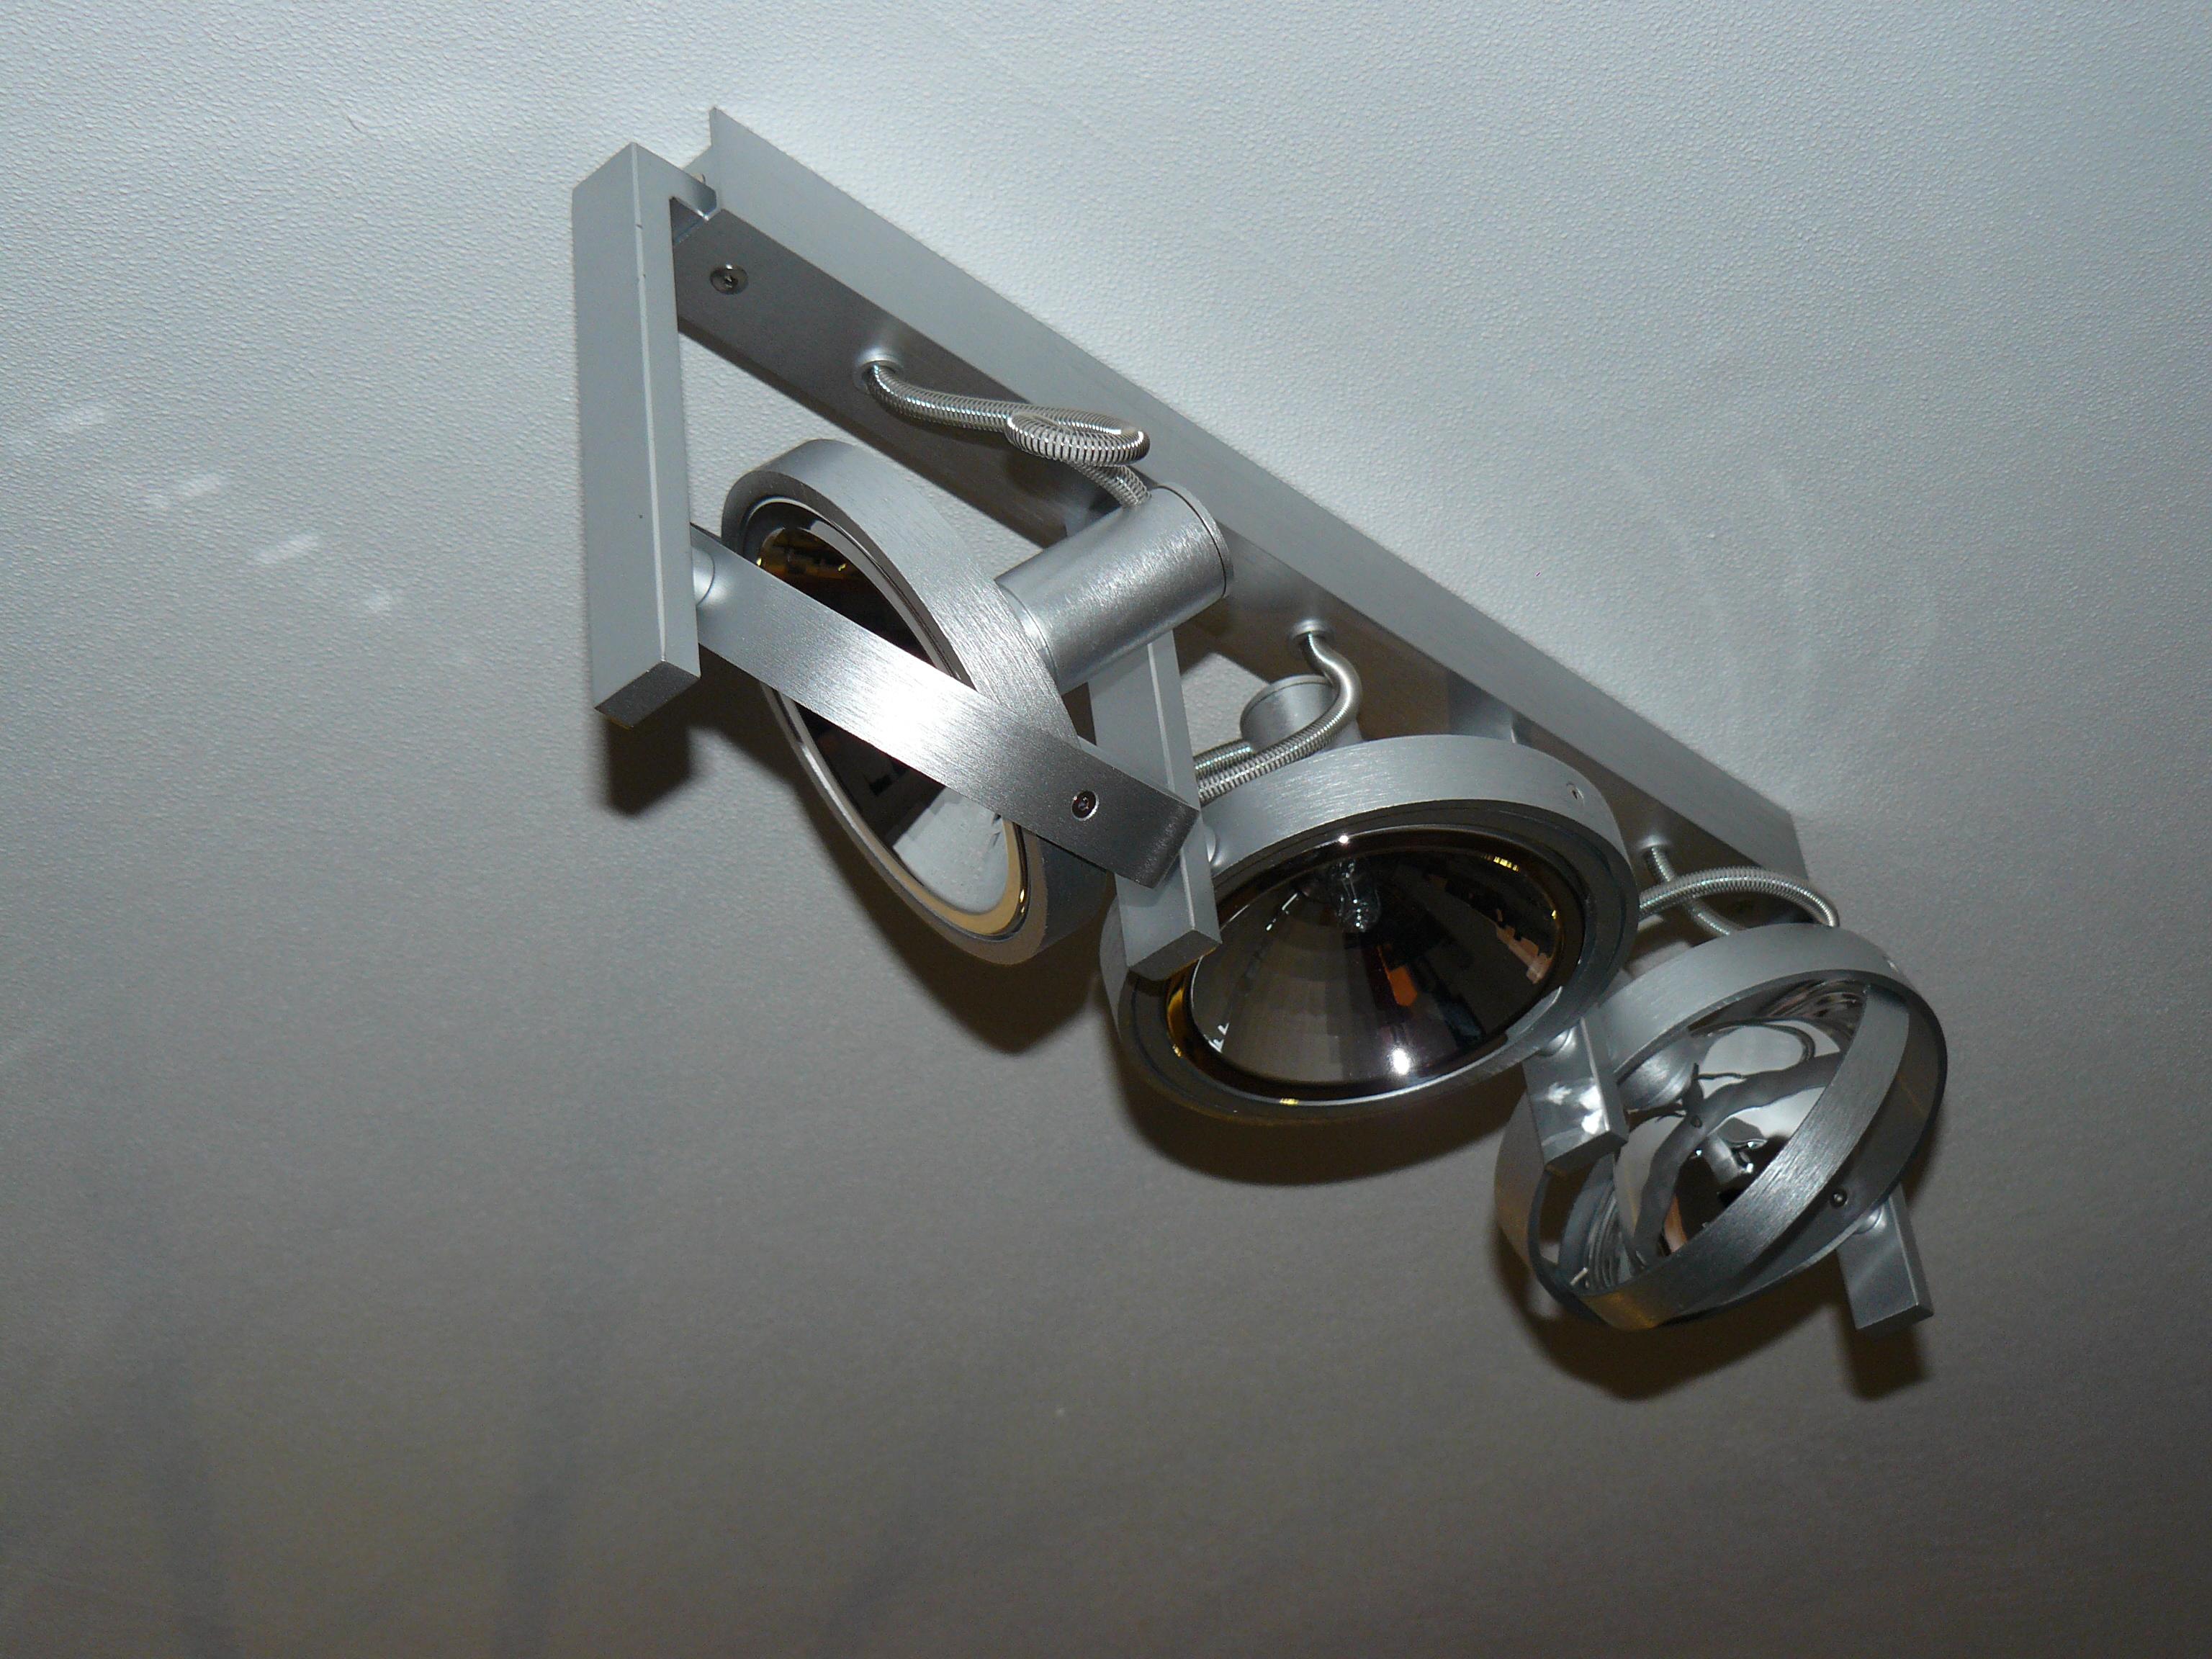 Lampe Für Duschkabine : lampe badezimmer decke badezimmerlampe decke led lampe dusche decke verschiedene design lampe ~ Sanjose-hotels-ca.com Haus und Dekorationen